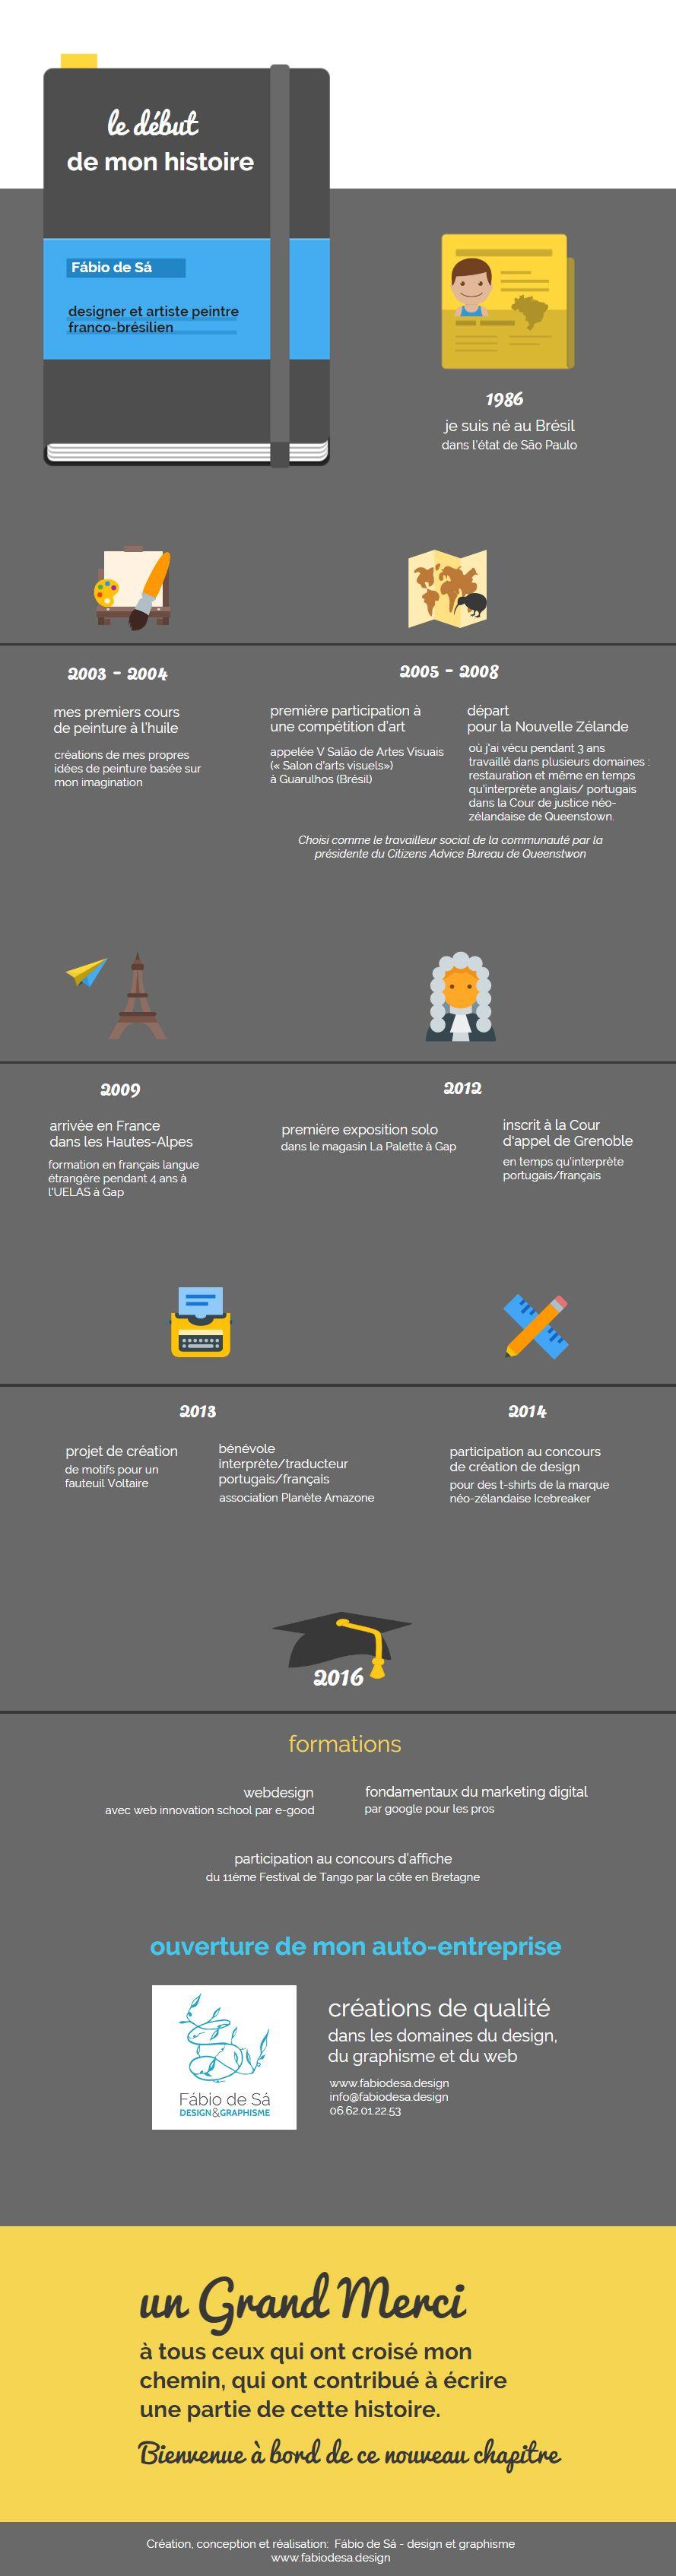 infographie fabiodesa coupée